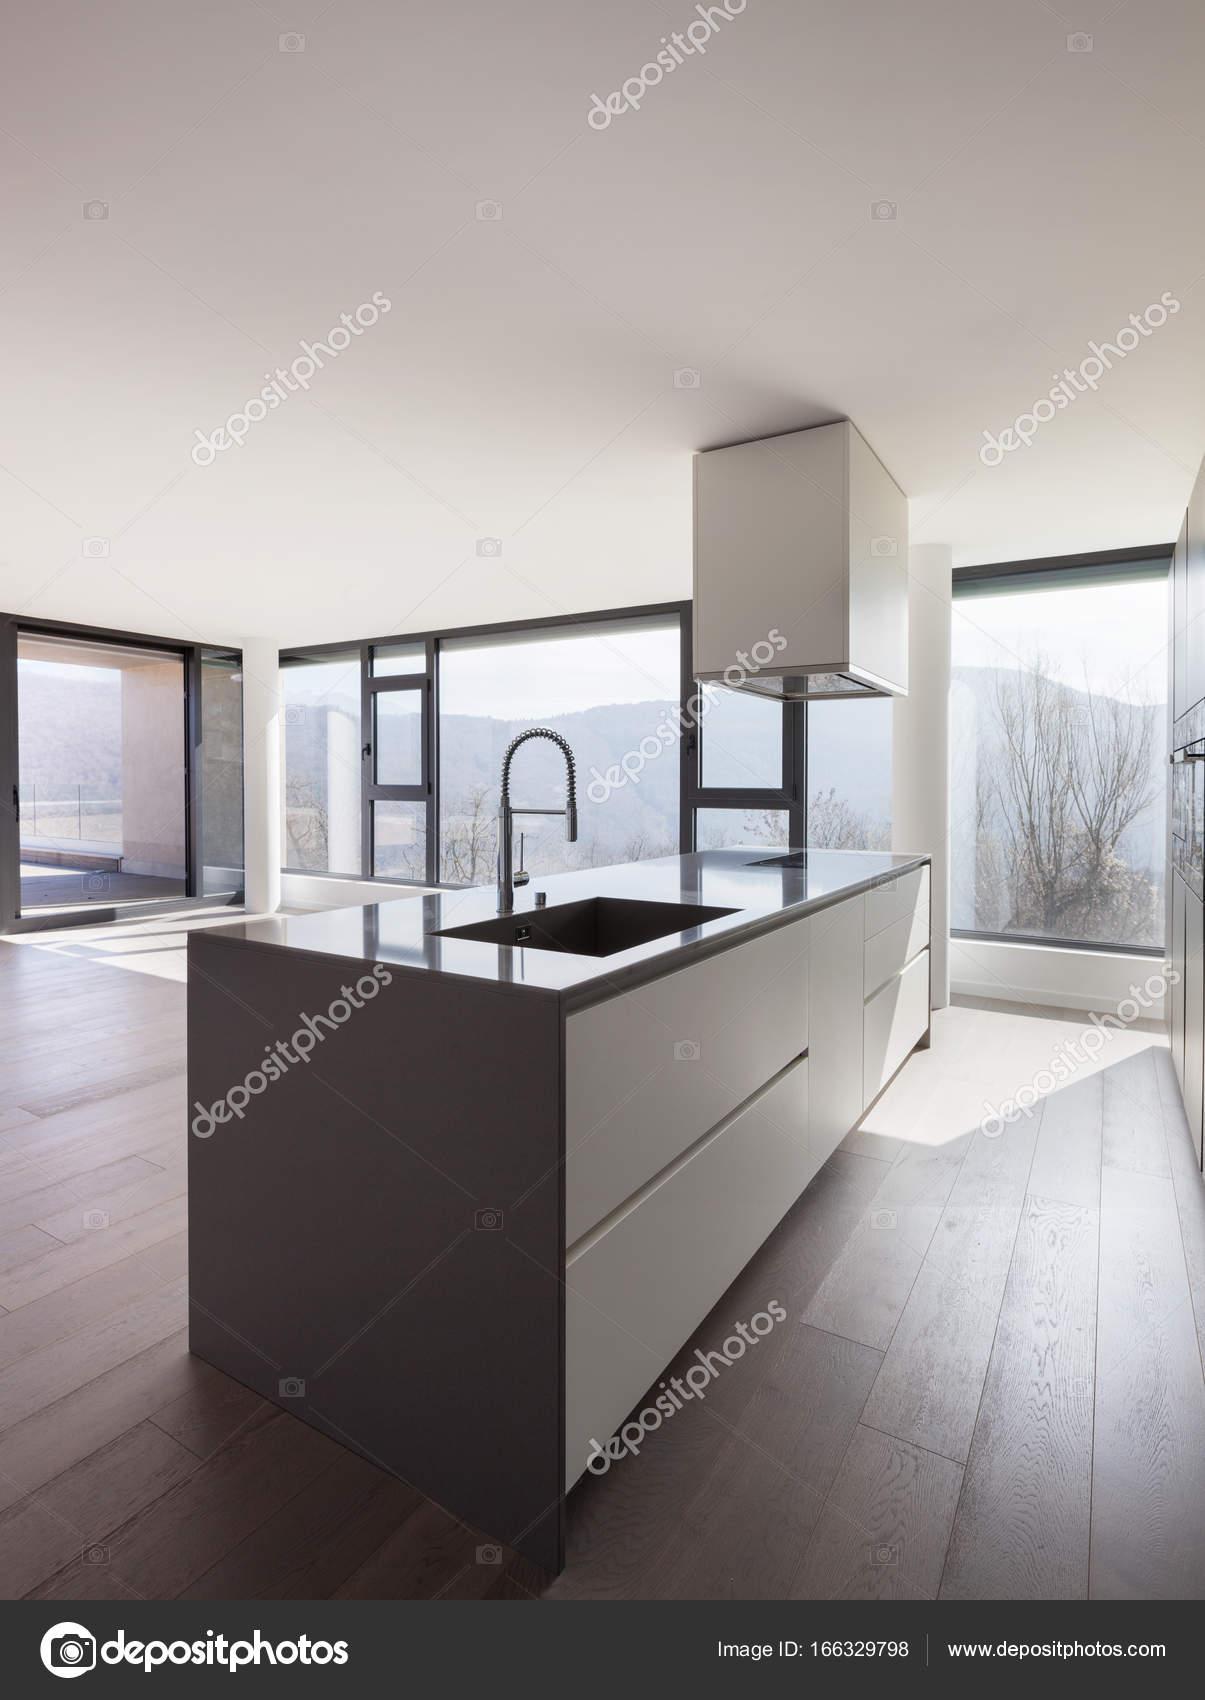 Cozinha Da Ilha Em Uma Ampla Sala Stock Photo Zveiger 166329798